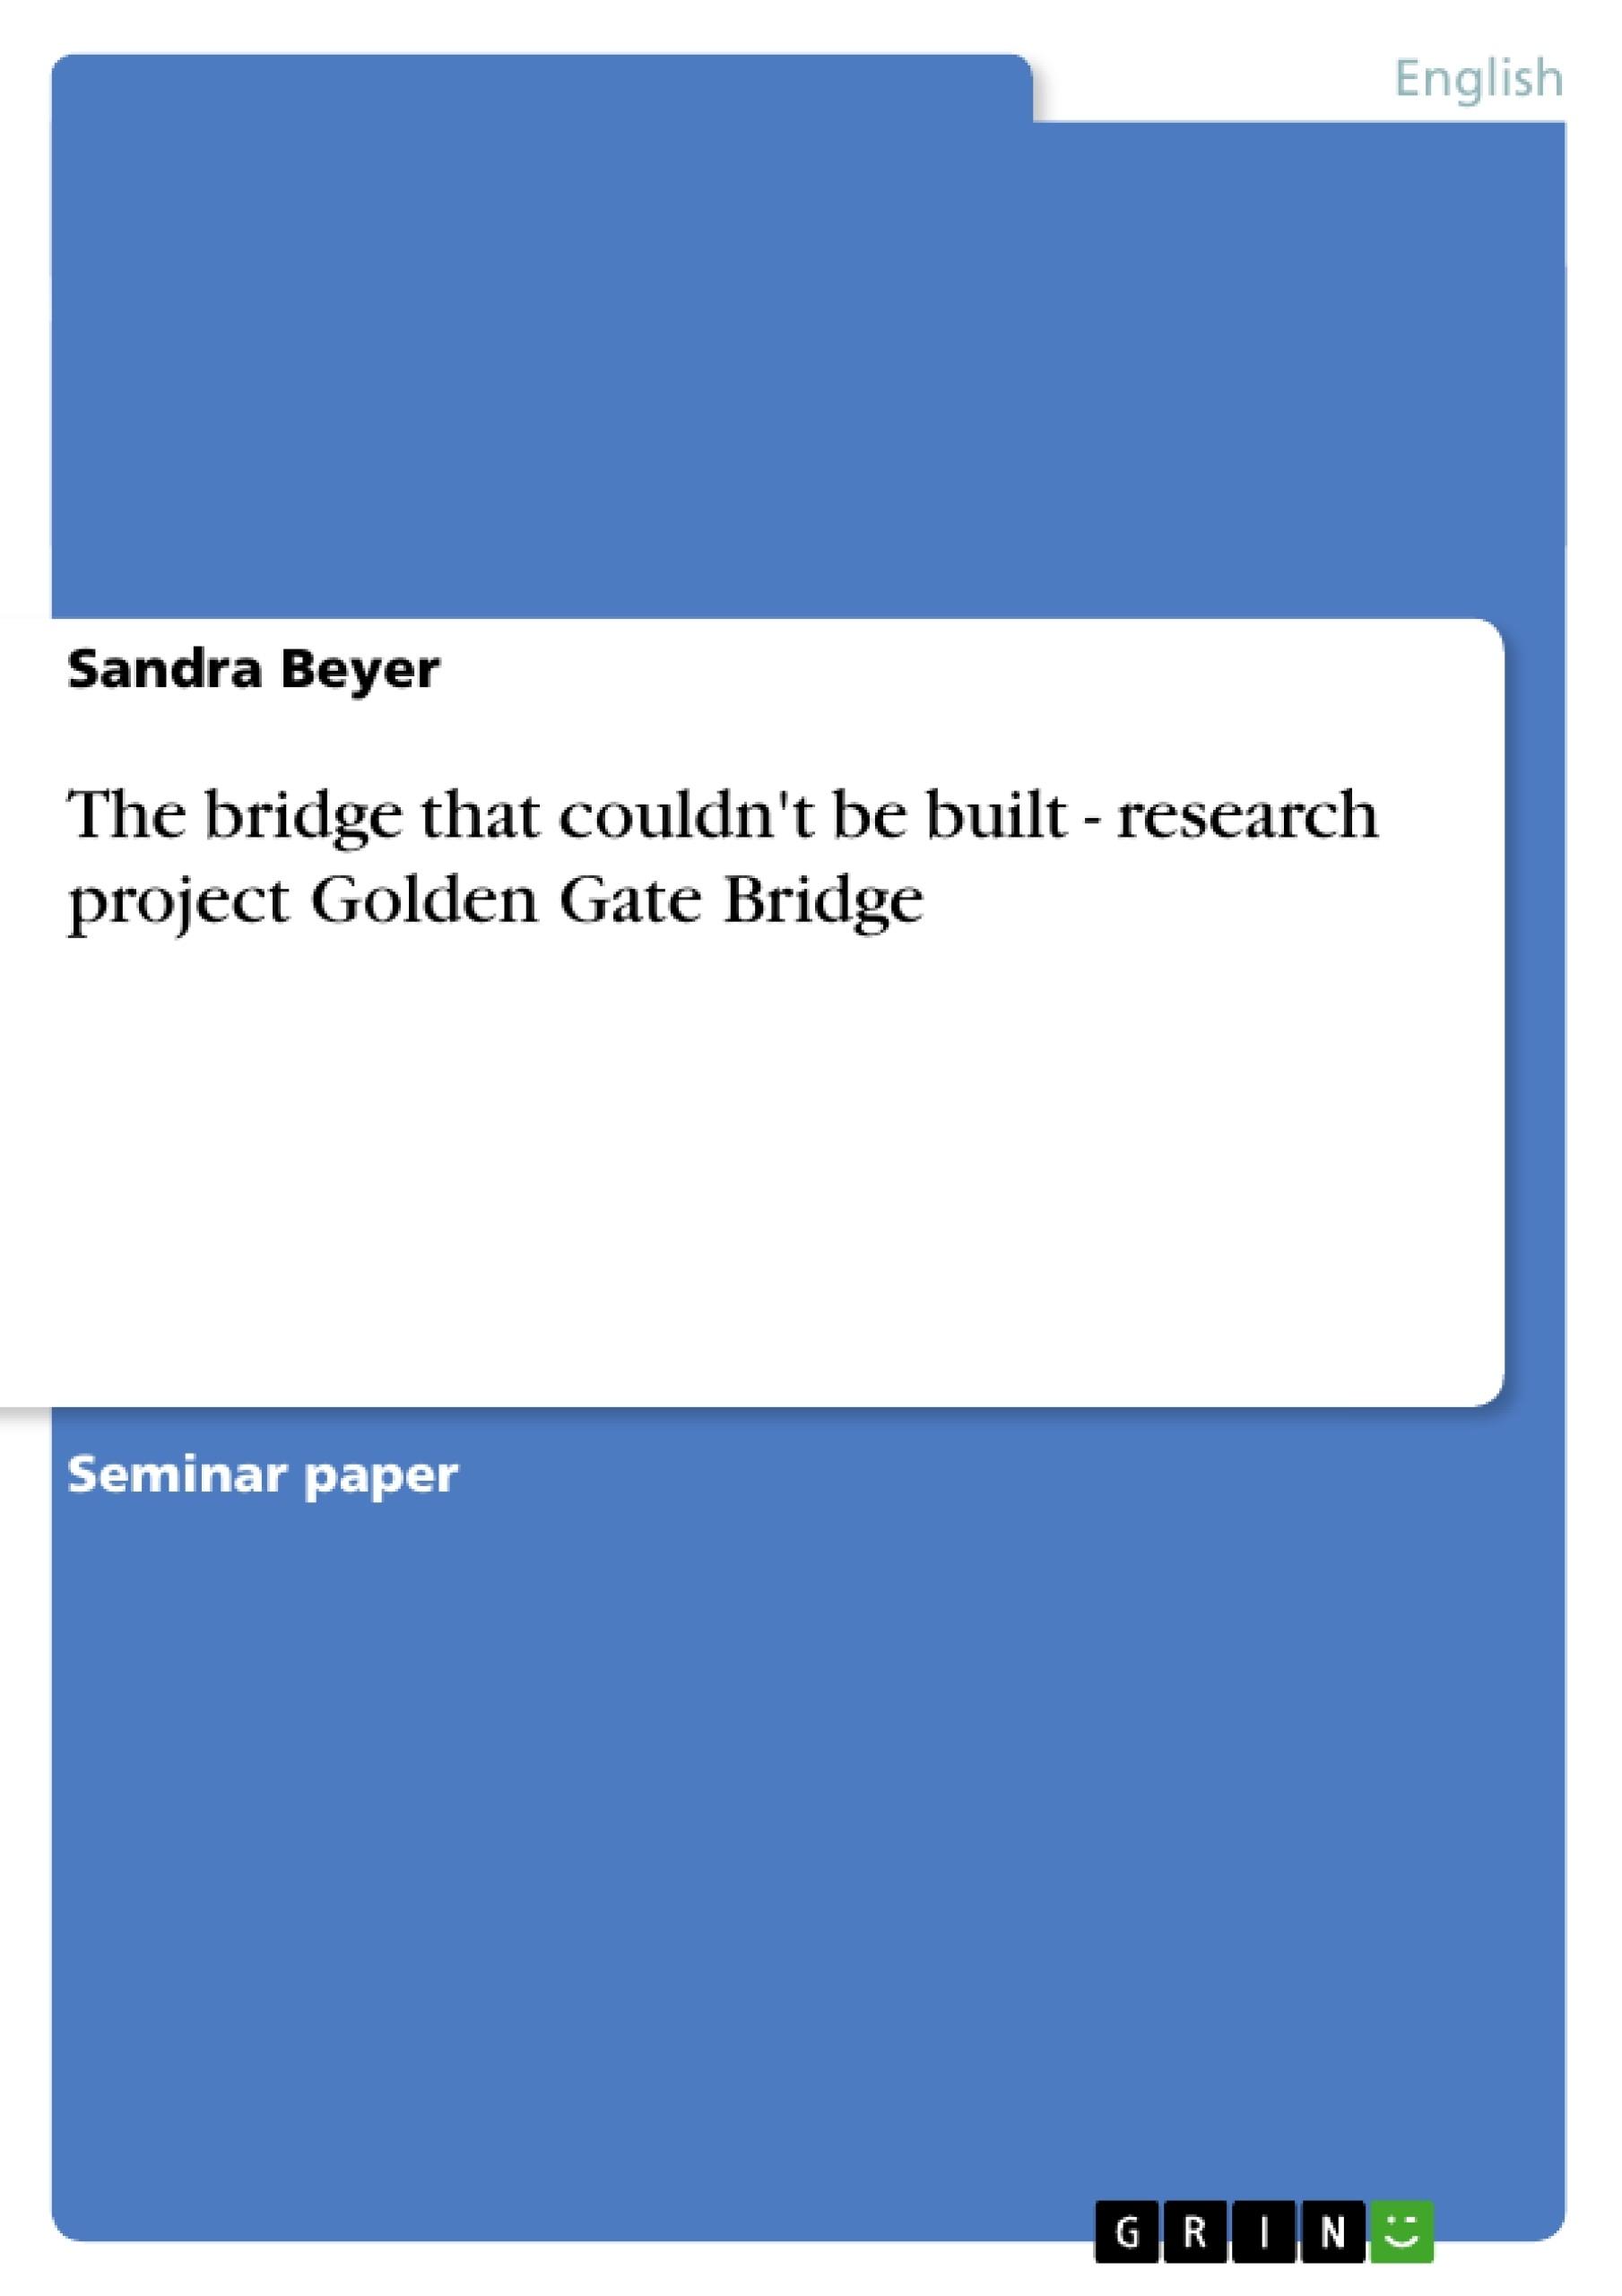 Title: The bridge that couldn't be built - research project Golden Gate Bridge